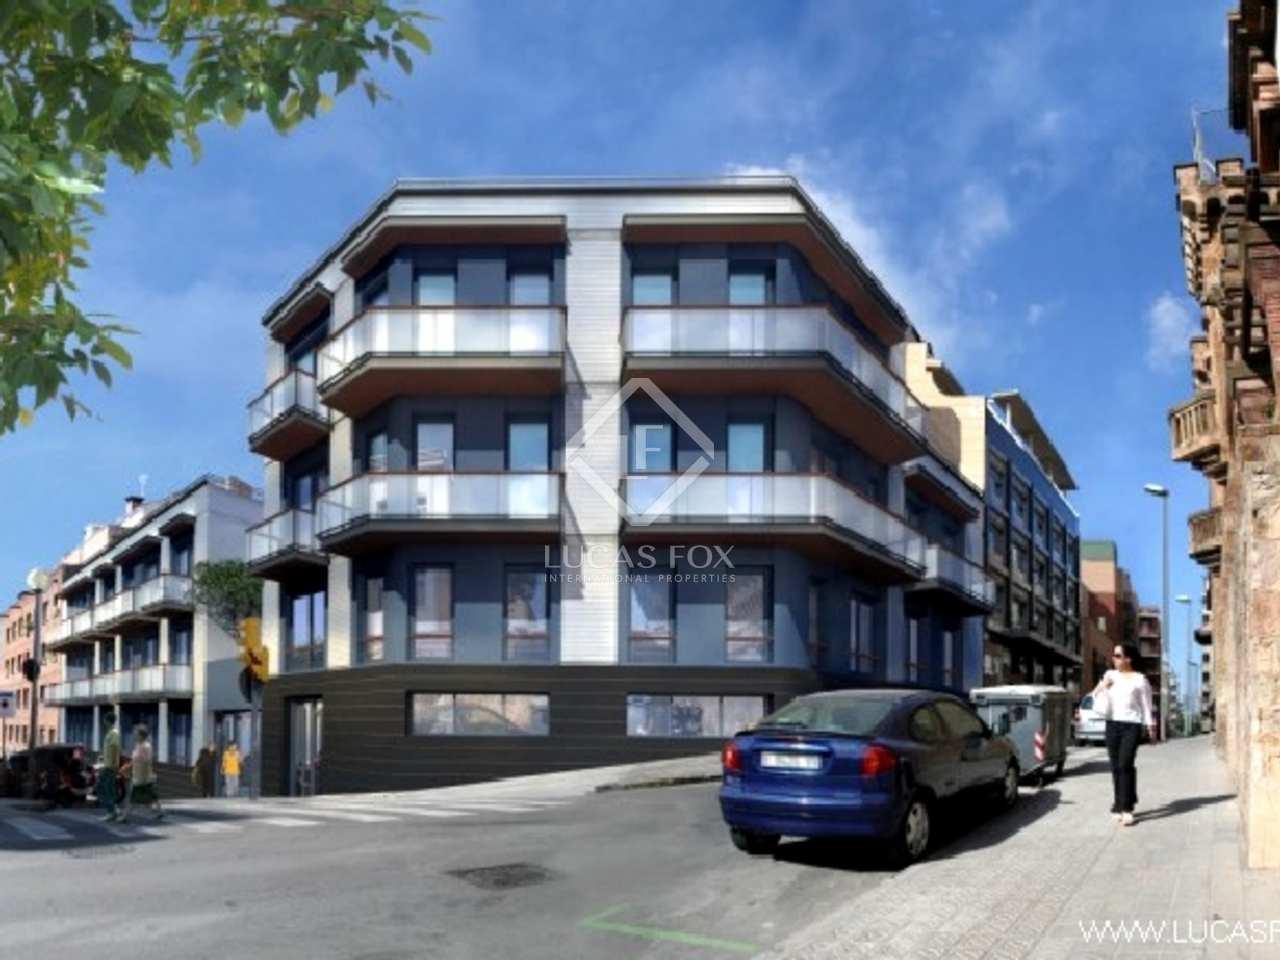 Apartment for rent in zona alta barcelona - Zona alta barcelona ...